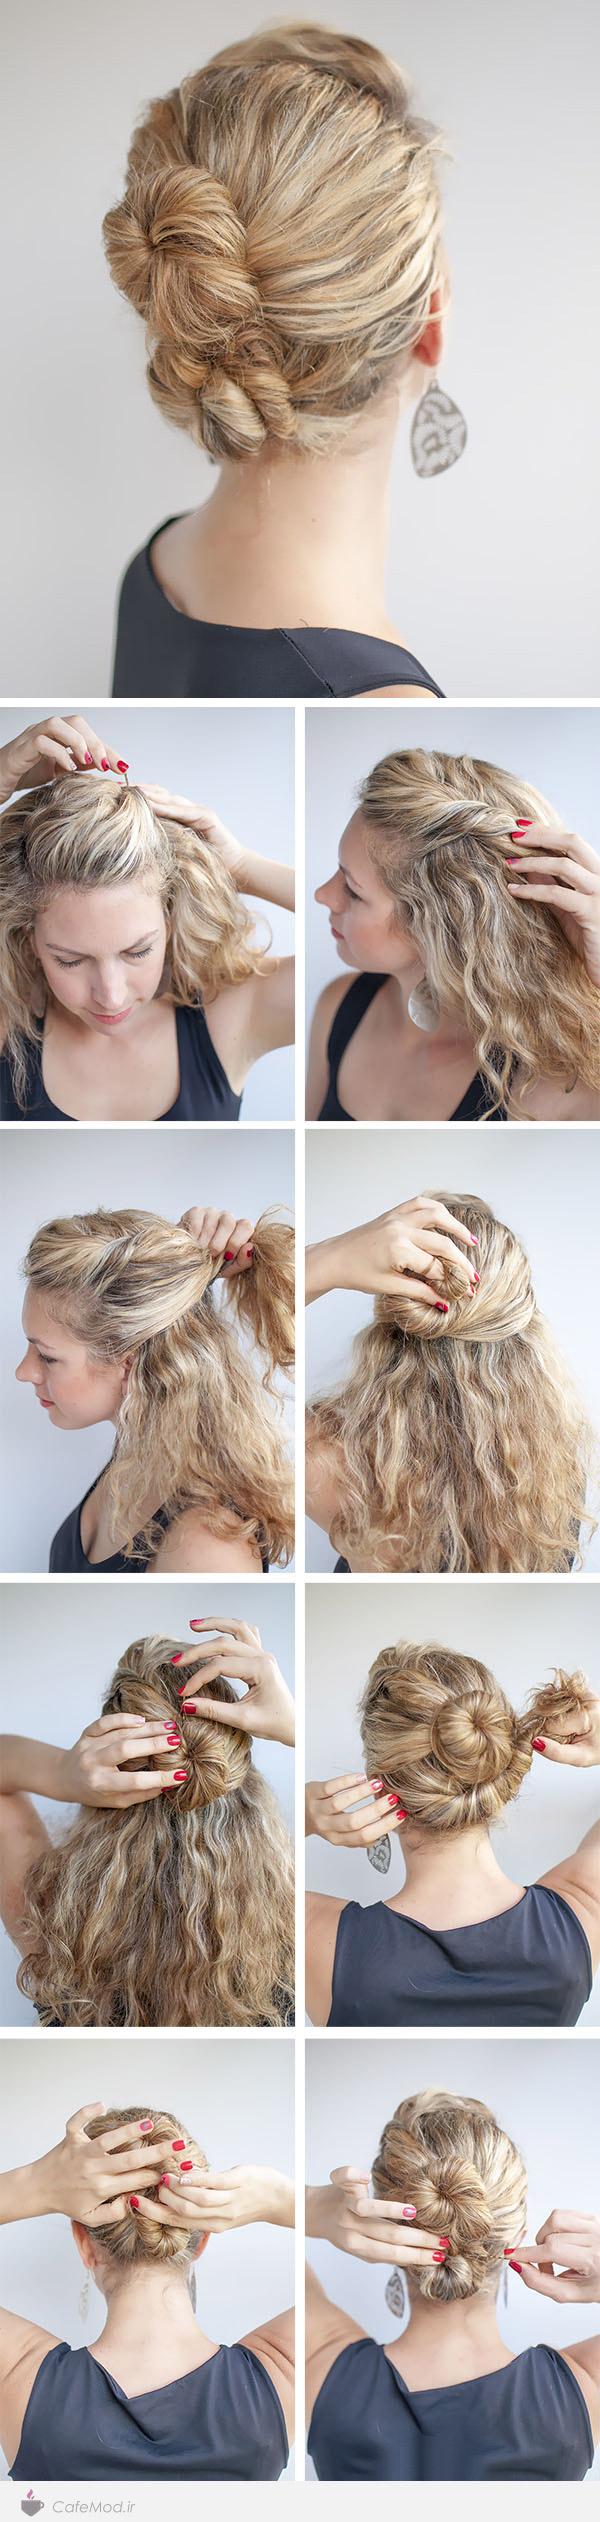 آموزش جمع کردن و بستن مو